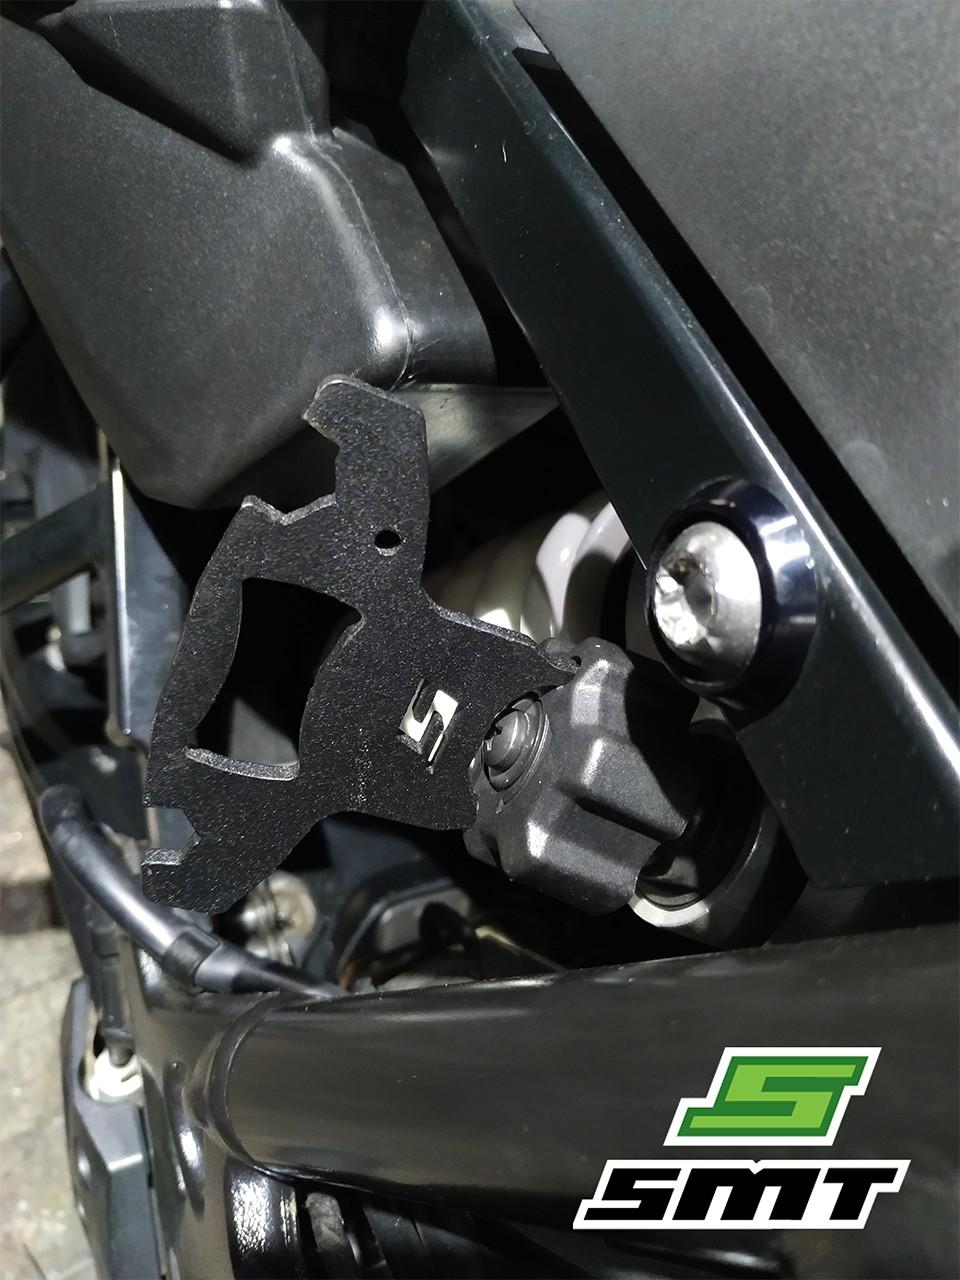 Foto2 - Chave de regulagem suspensão traseira F800GS